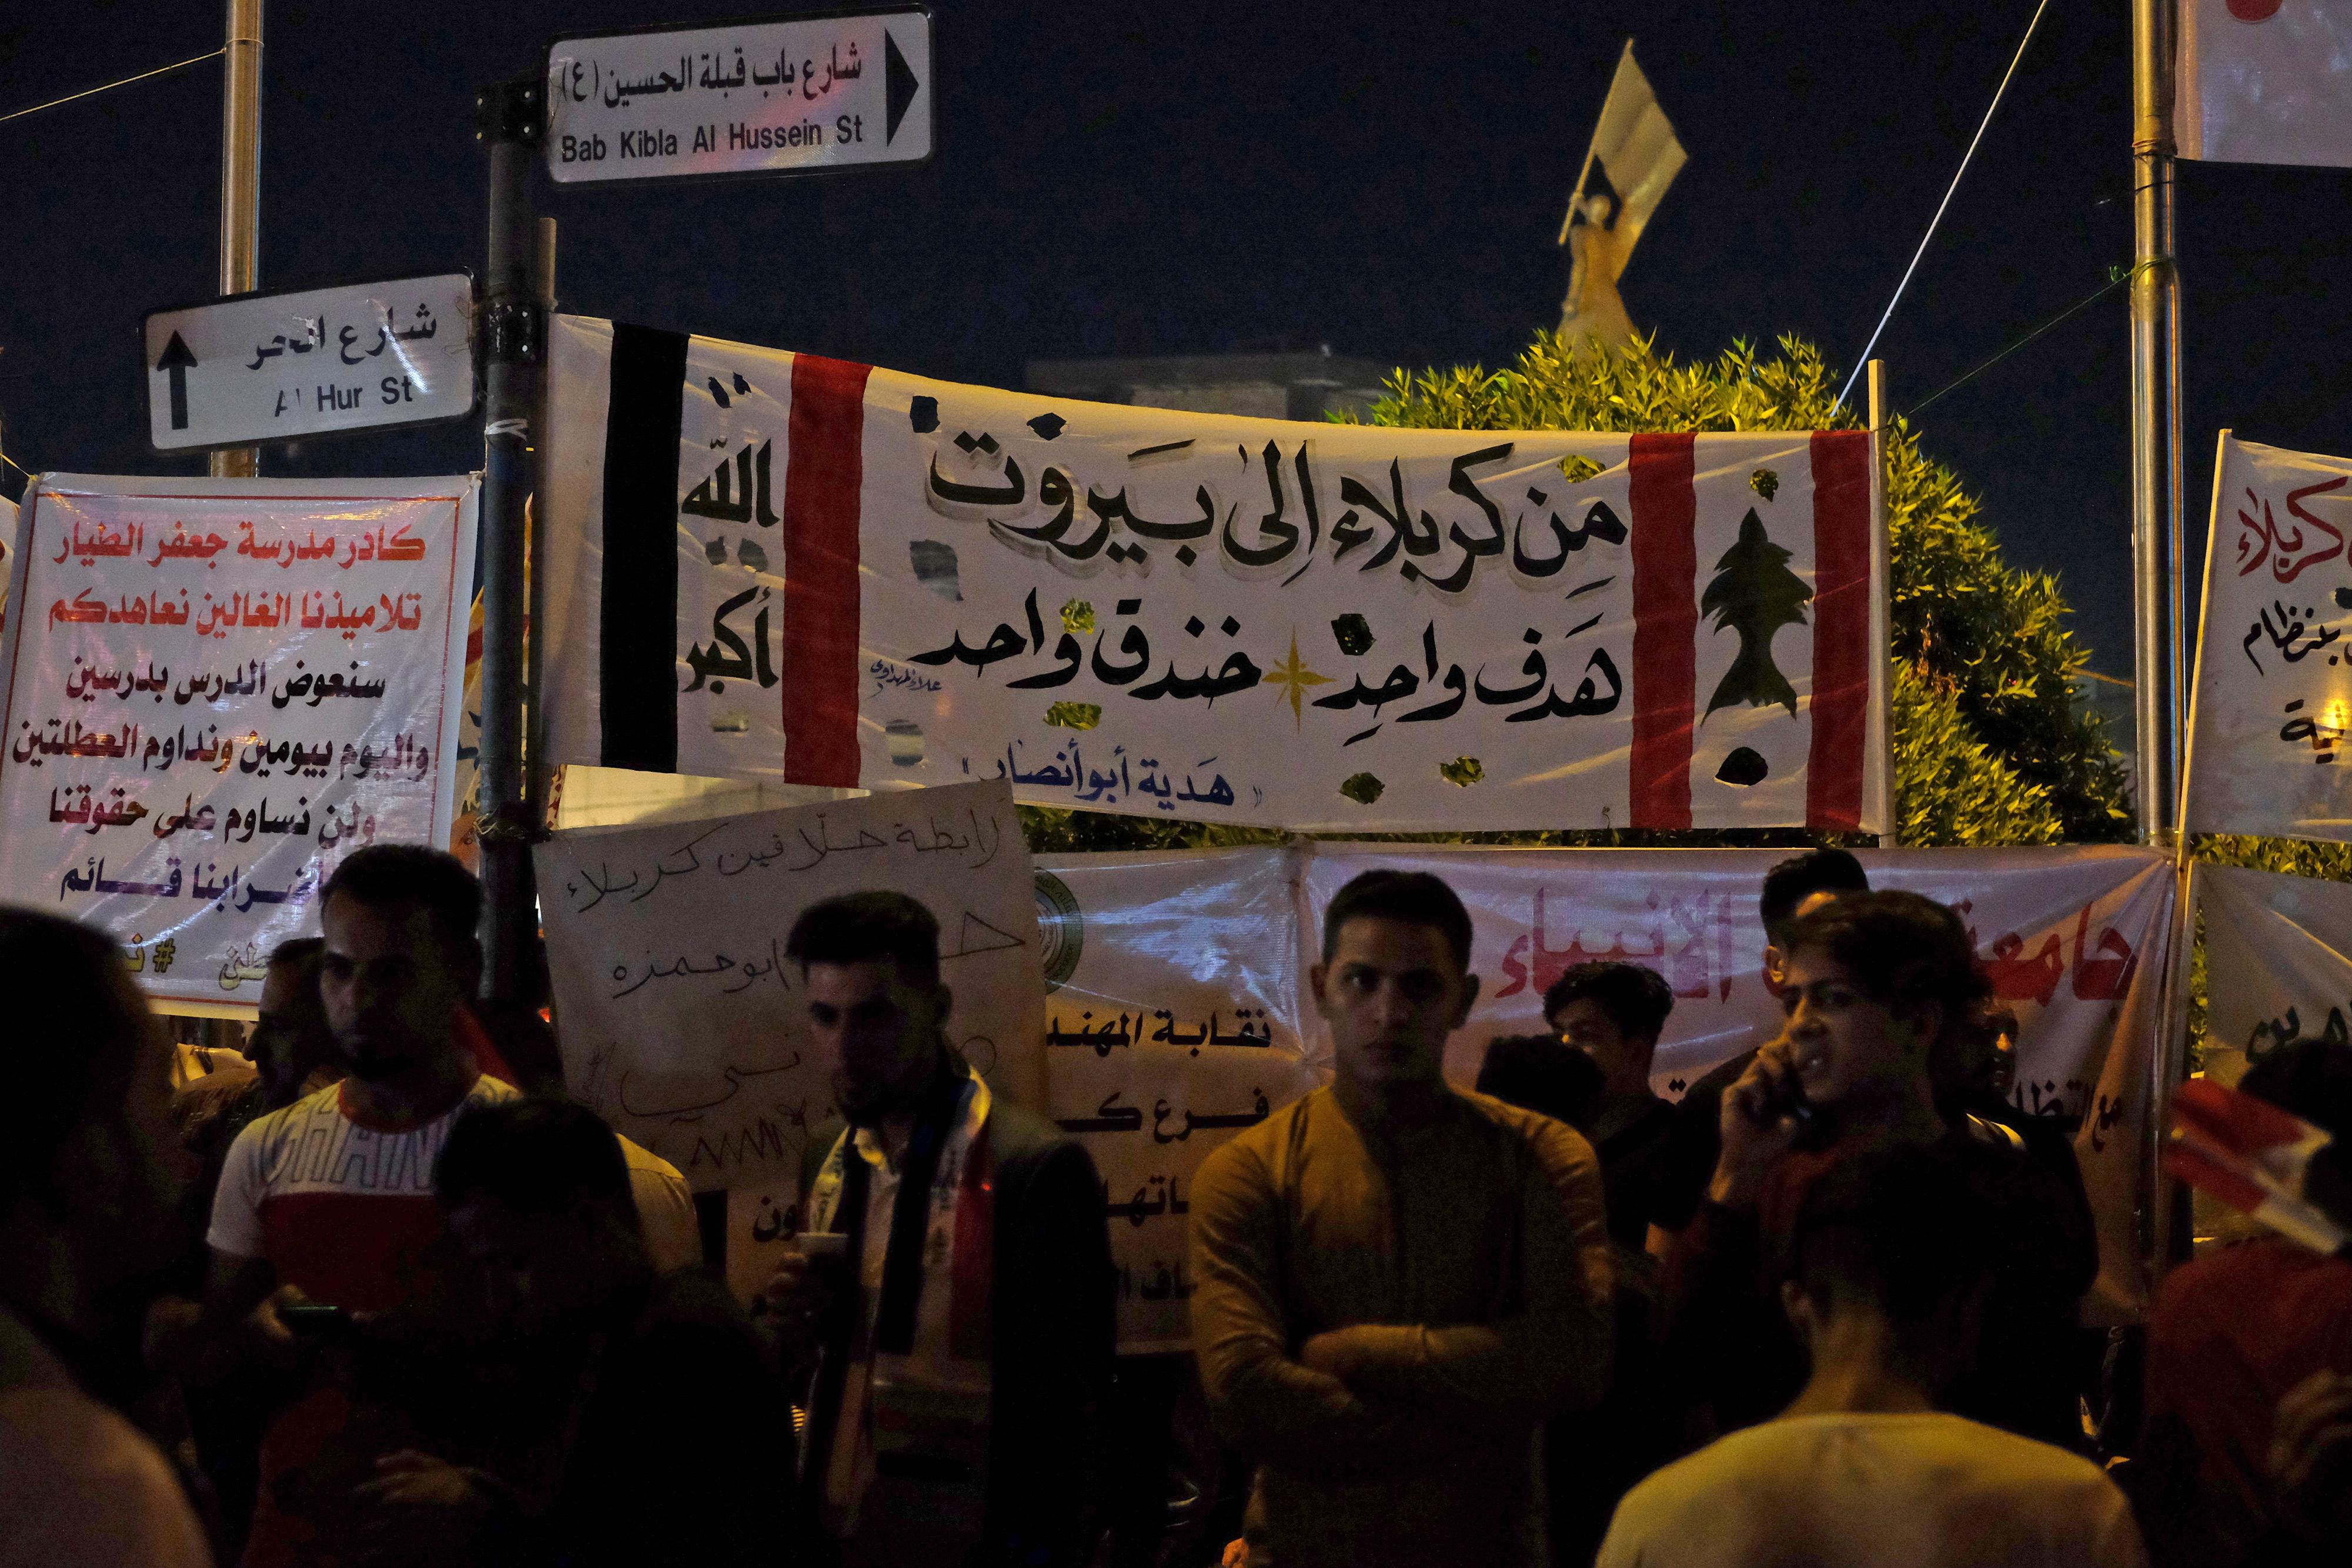 متظاهرون عراقيون في محافظة كربلاء الشيعية ينددون بالتدخلات الإيرانية ويحتجون على الفساد في بلادهم